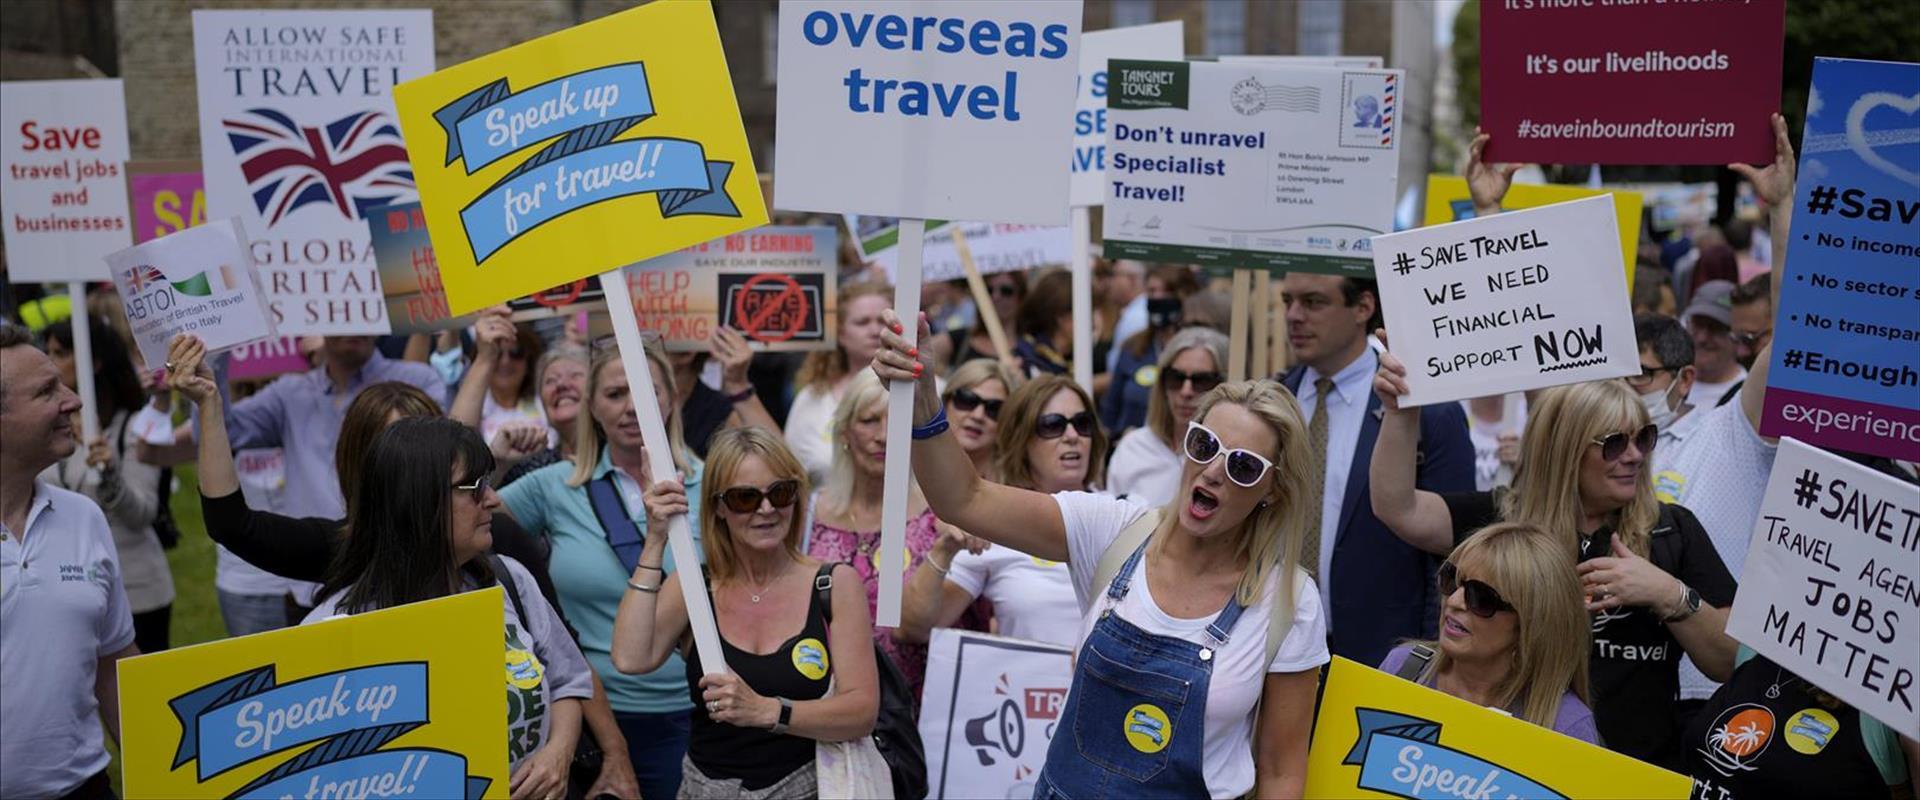 עובדי תעשיית התעופה והנסיעות מפגינים בבריטניה, 23.